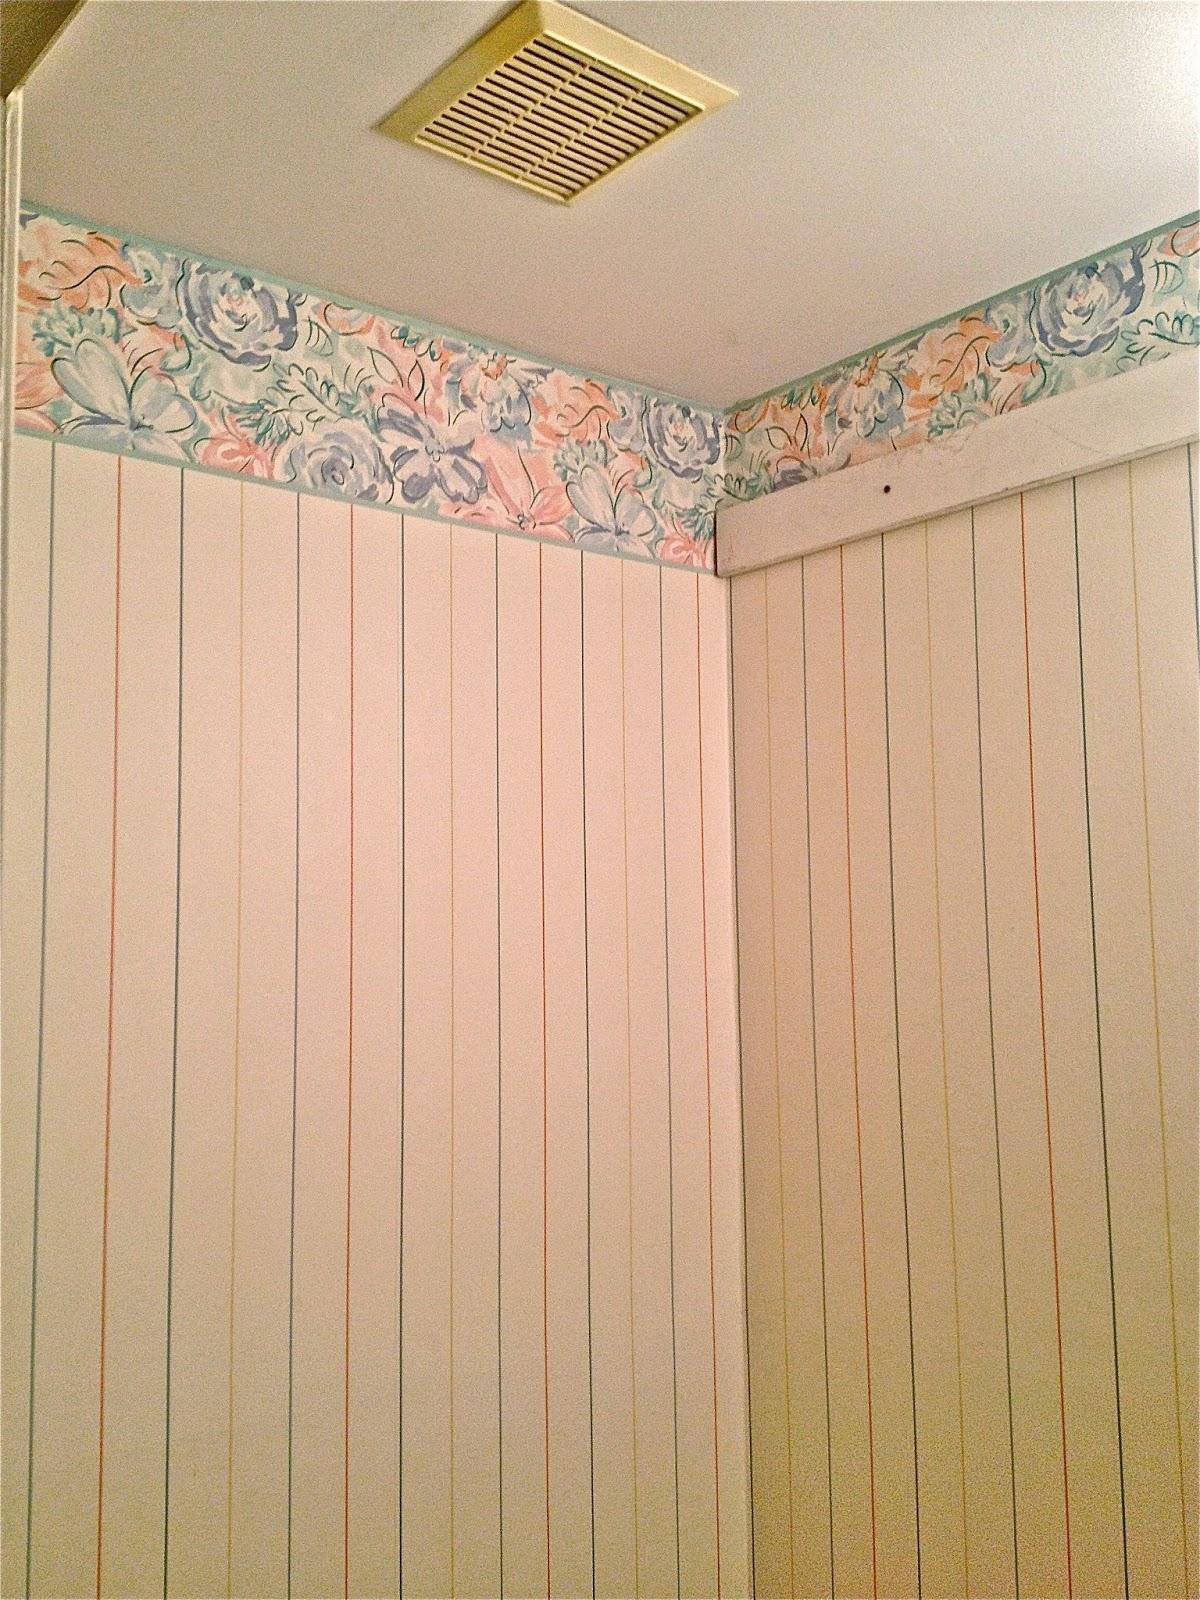 [46+] Wainscot Wallpaper on WallpaperSafari